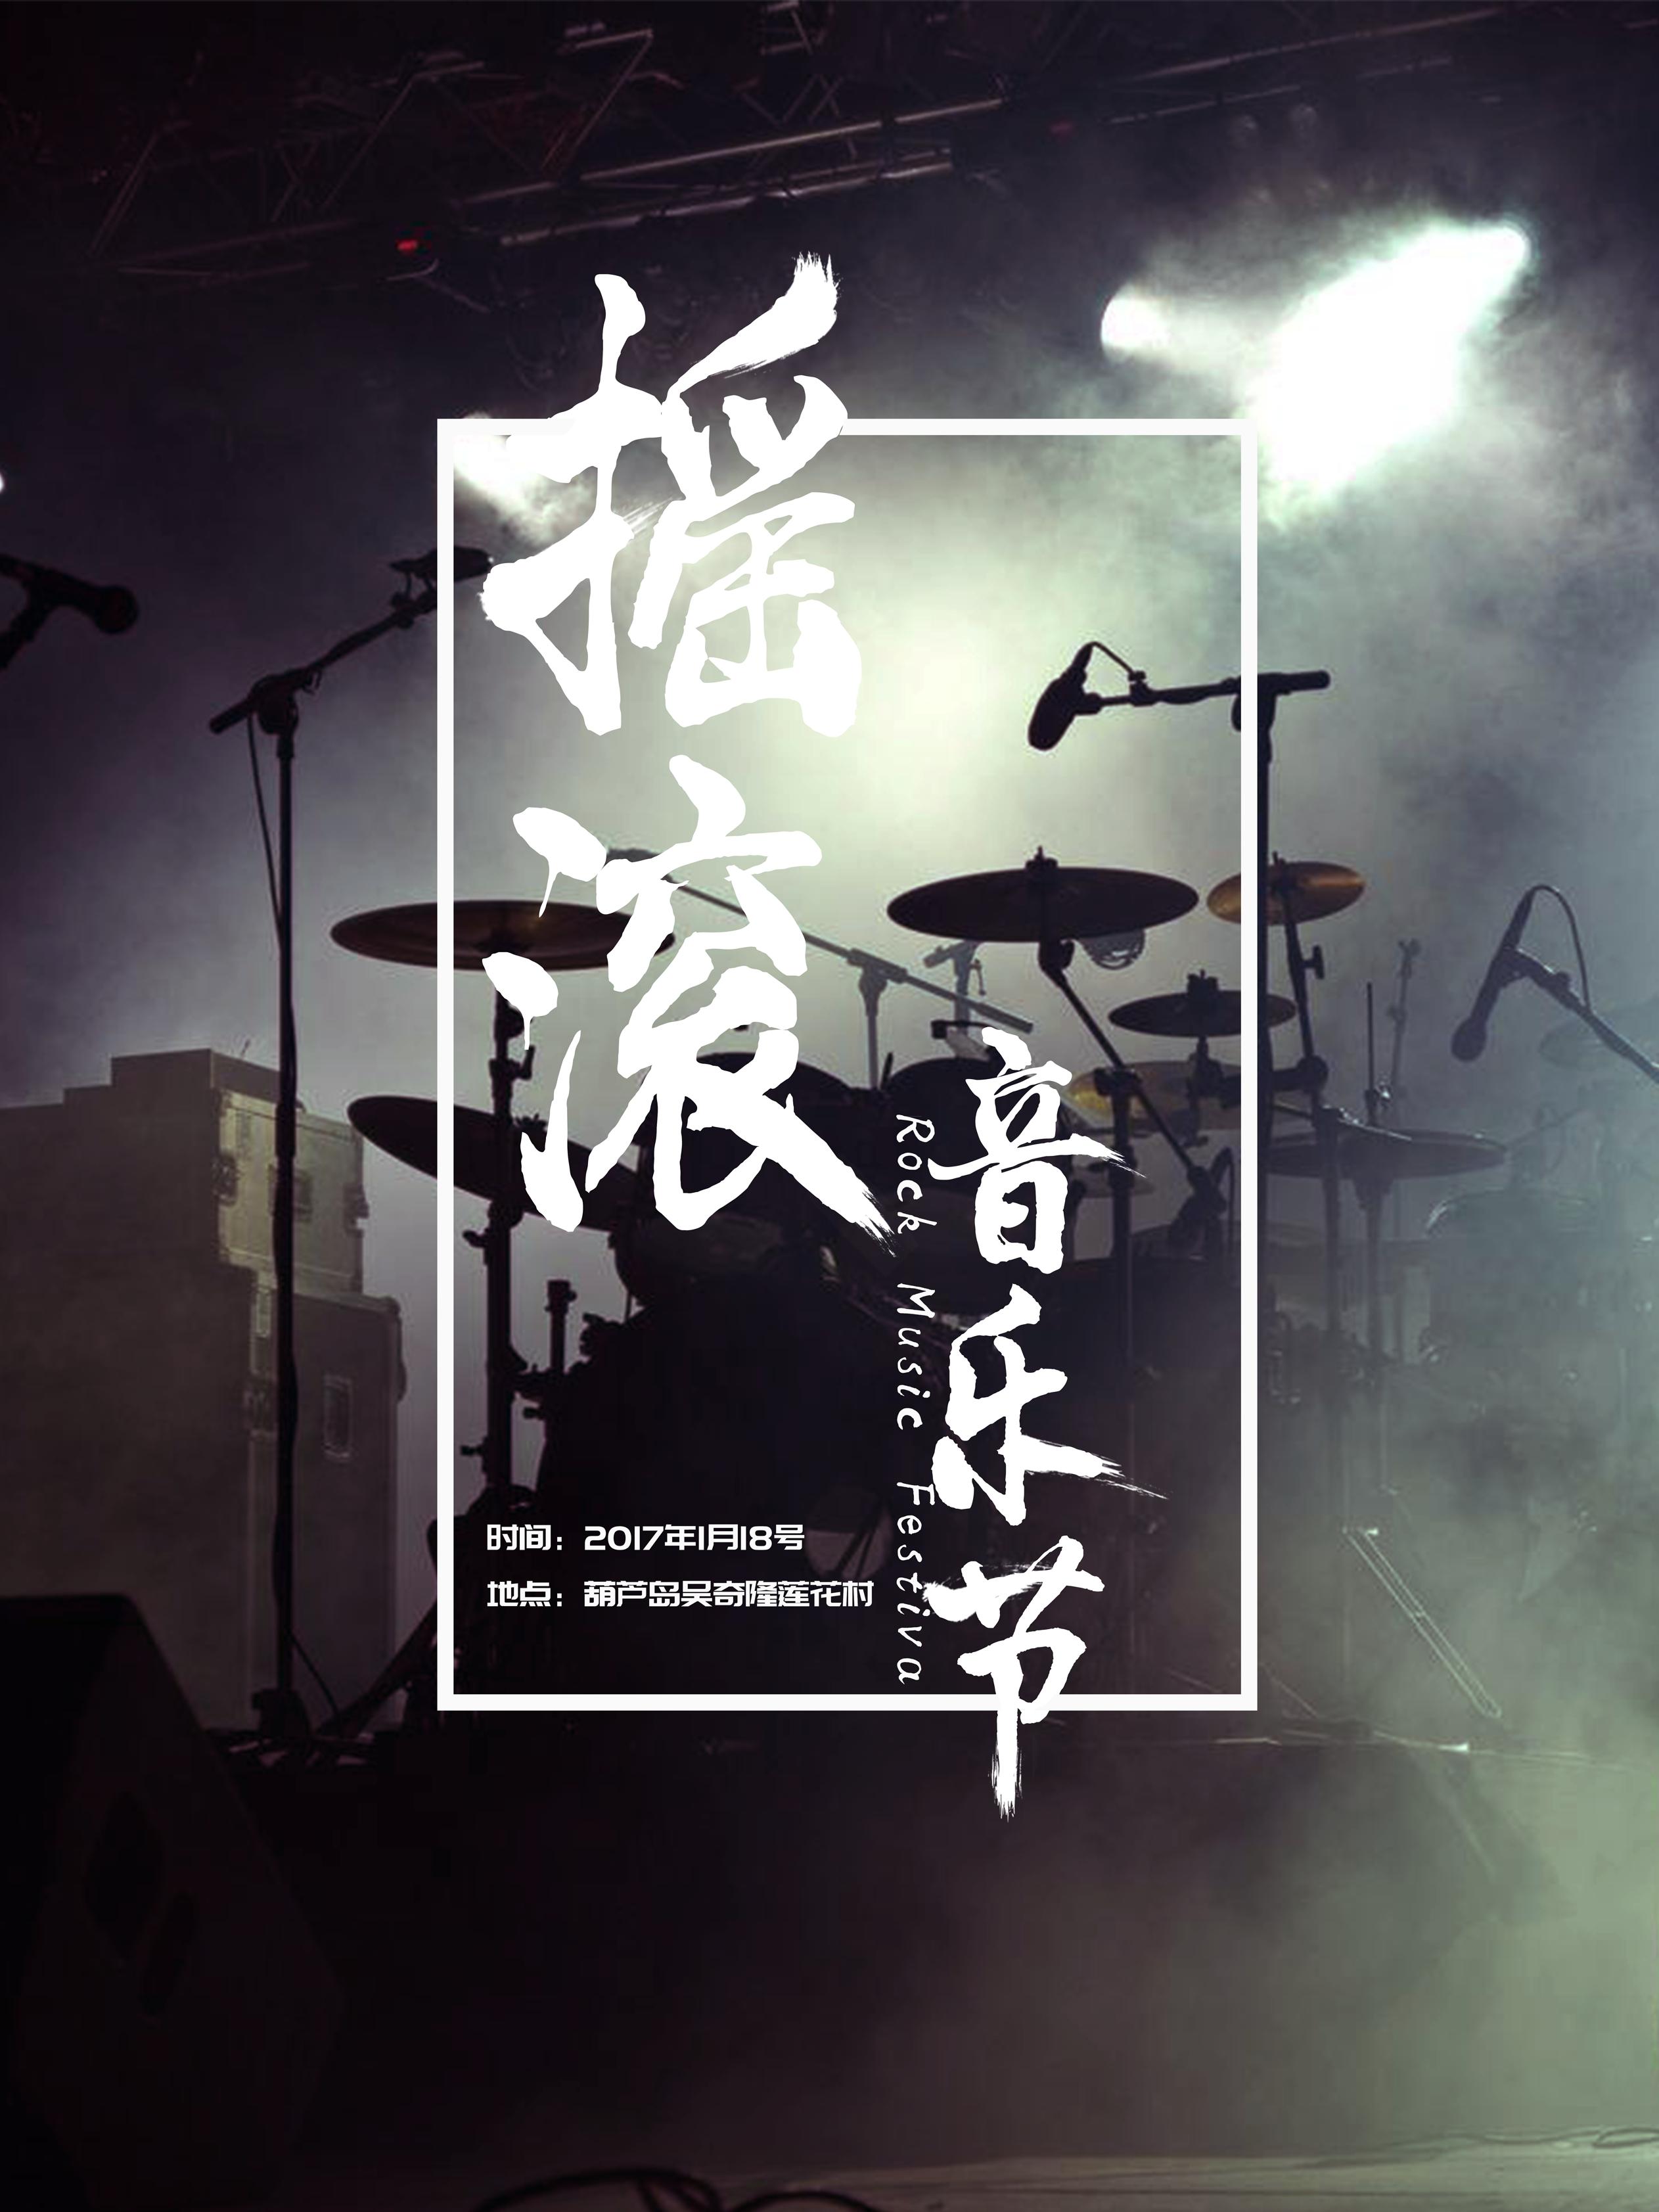 摇滚音乐大全_摇滚音乐节海报素材-免费摇滚音乐节海报素材图片-设计素材-图怪兽